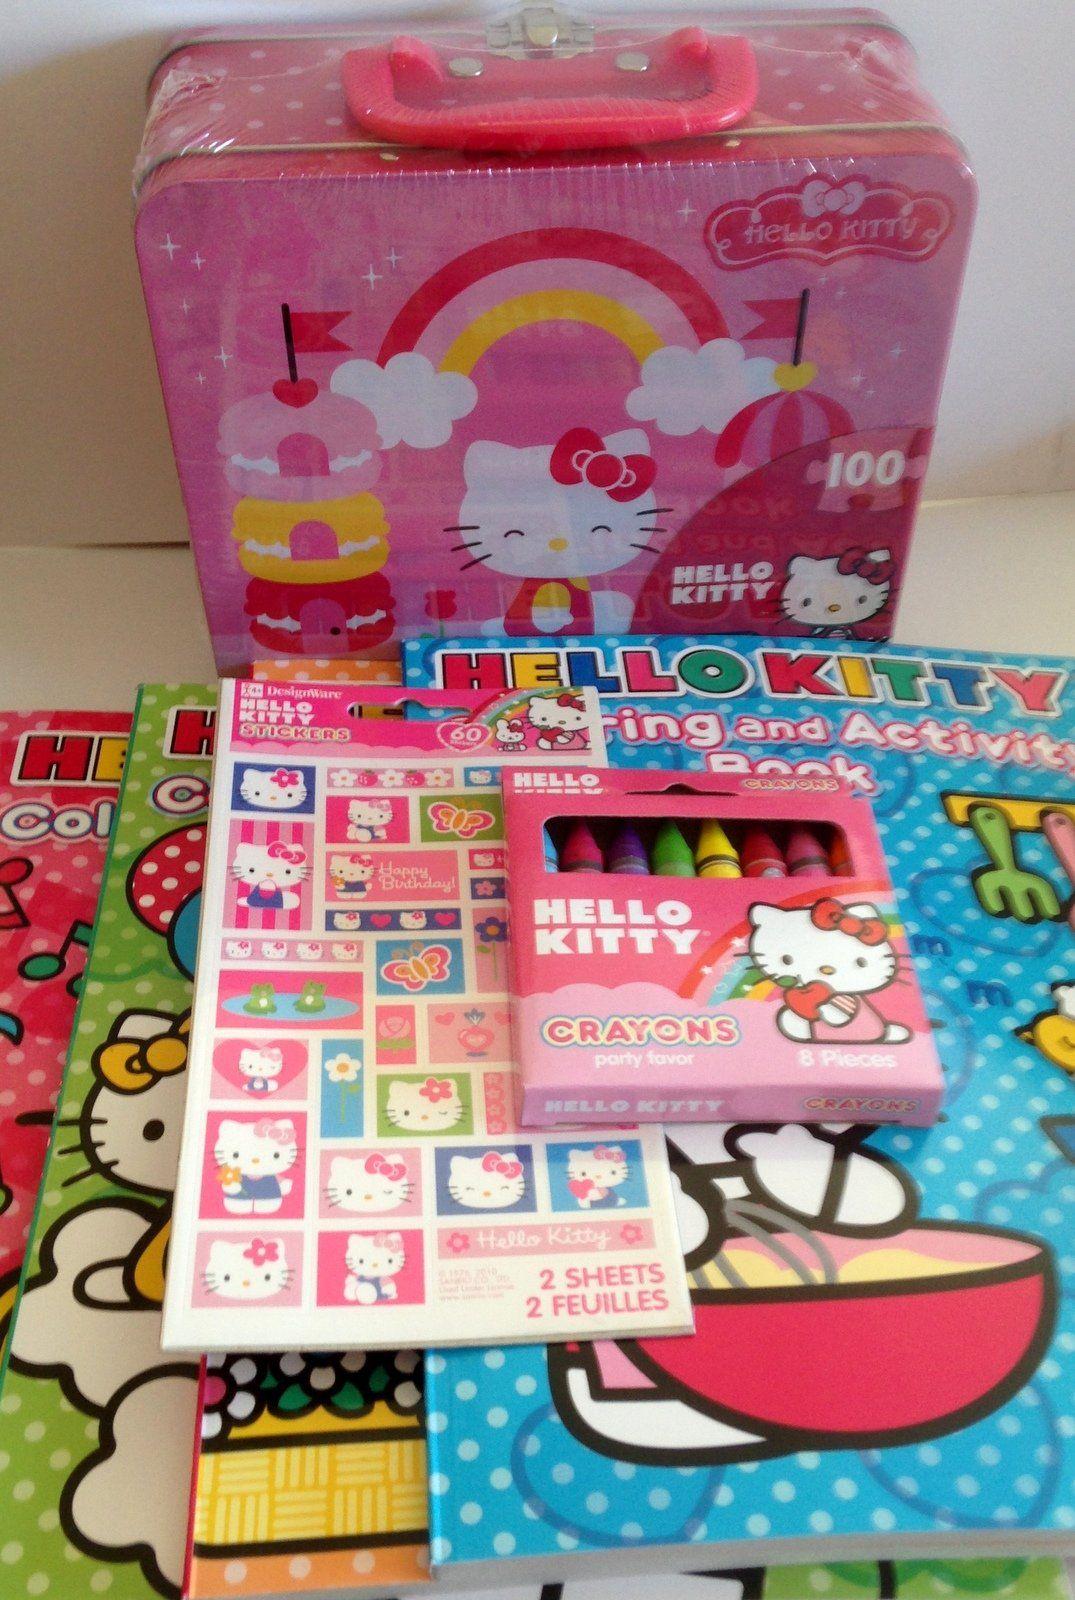 Gift set 4 hello kitty jumbo coloring activity books